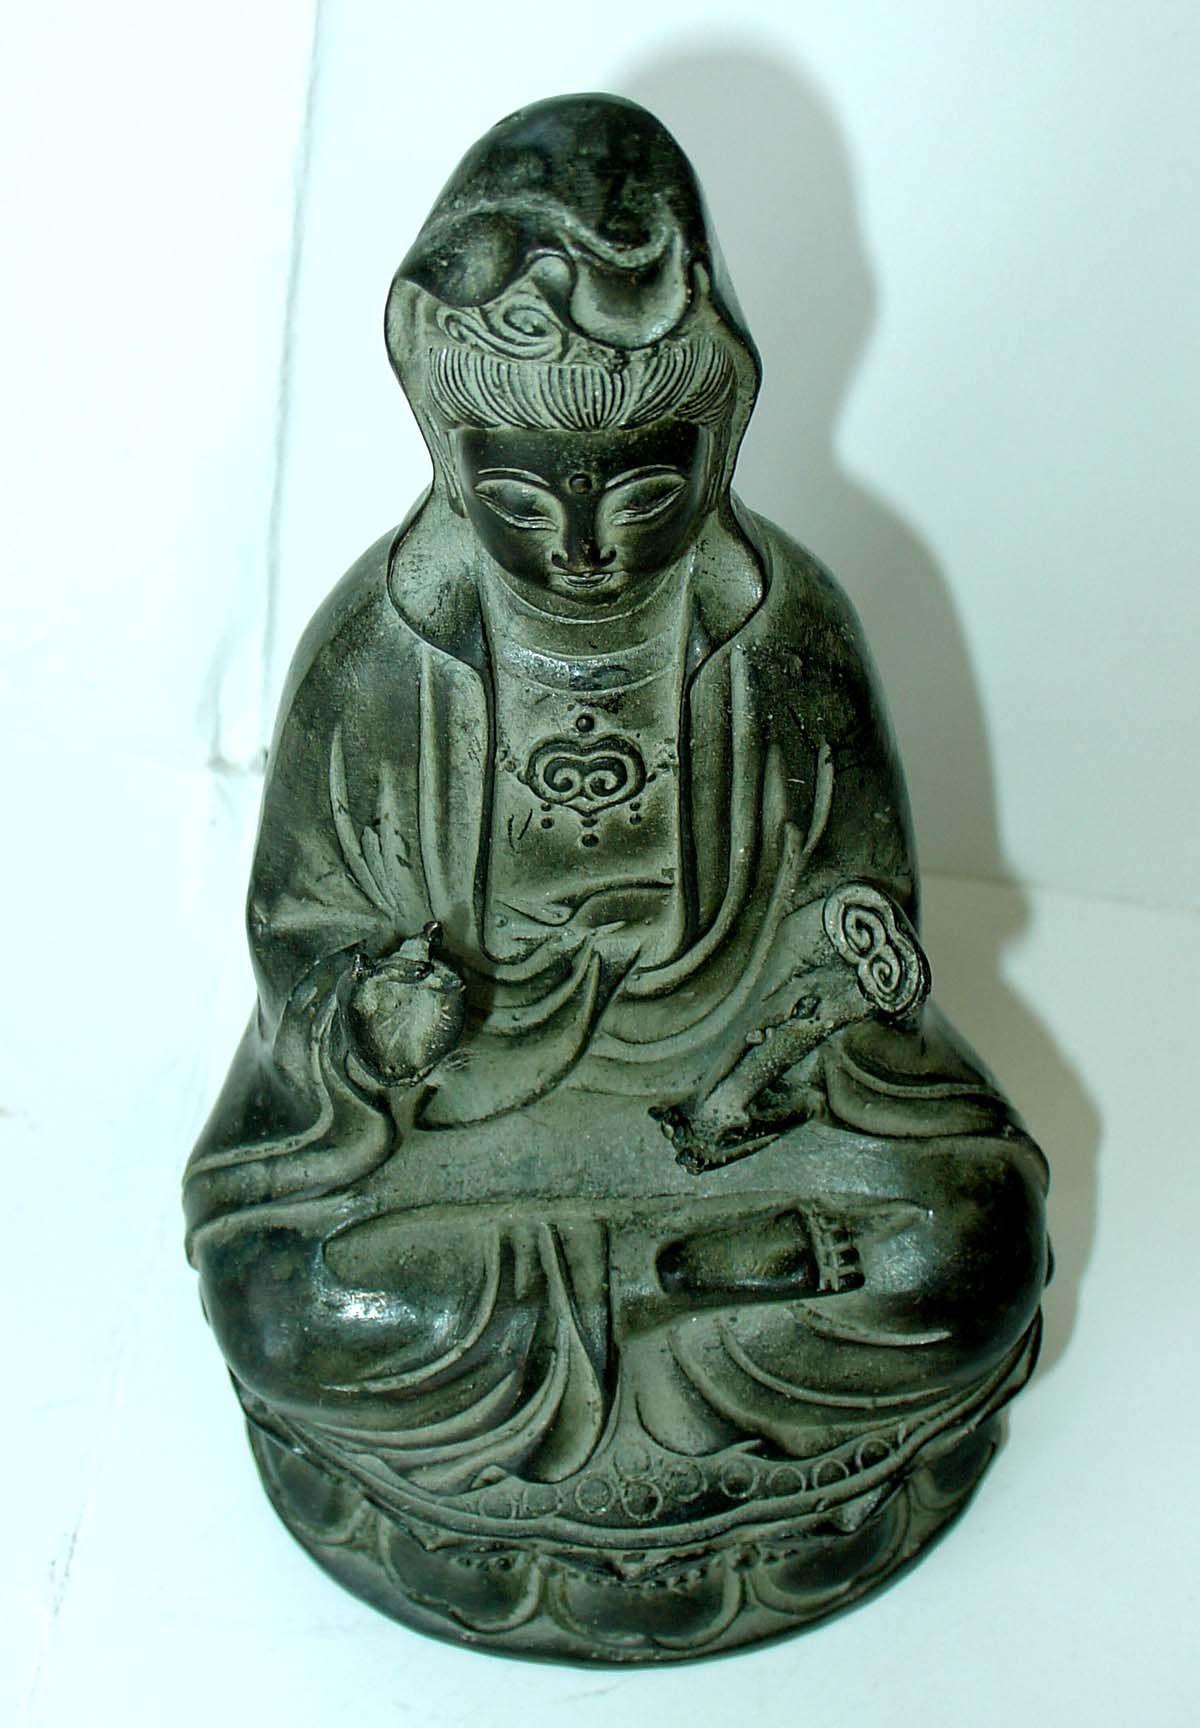 明代 古董古玩收藏品农村老物件 老铜佛坐像老货收藏 杂项老铜器